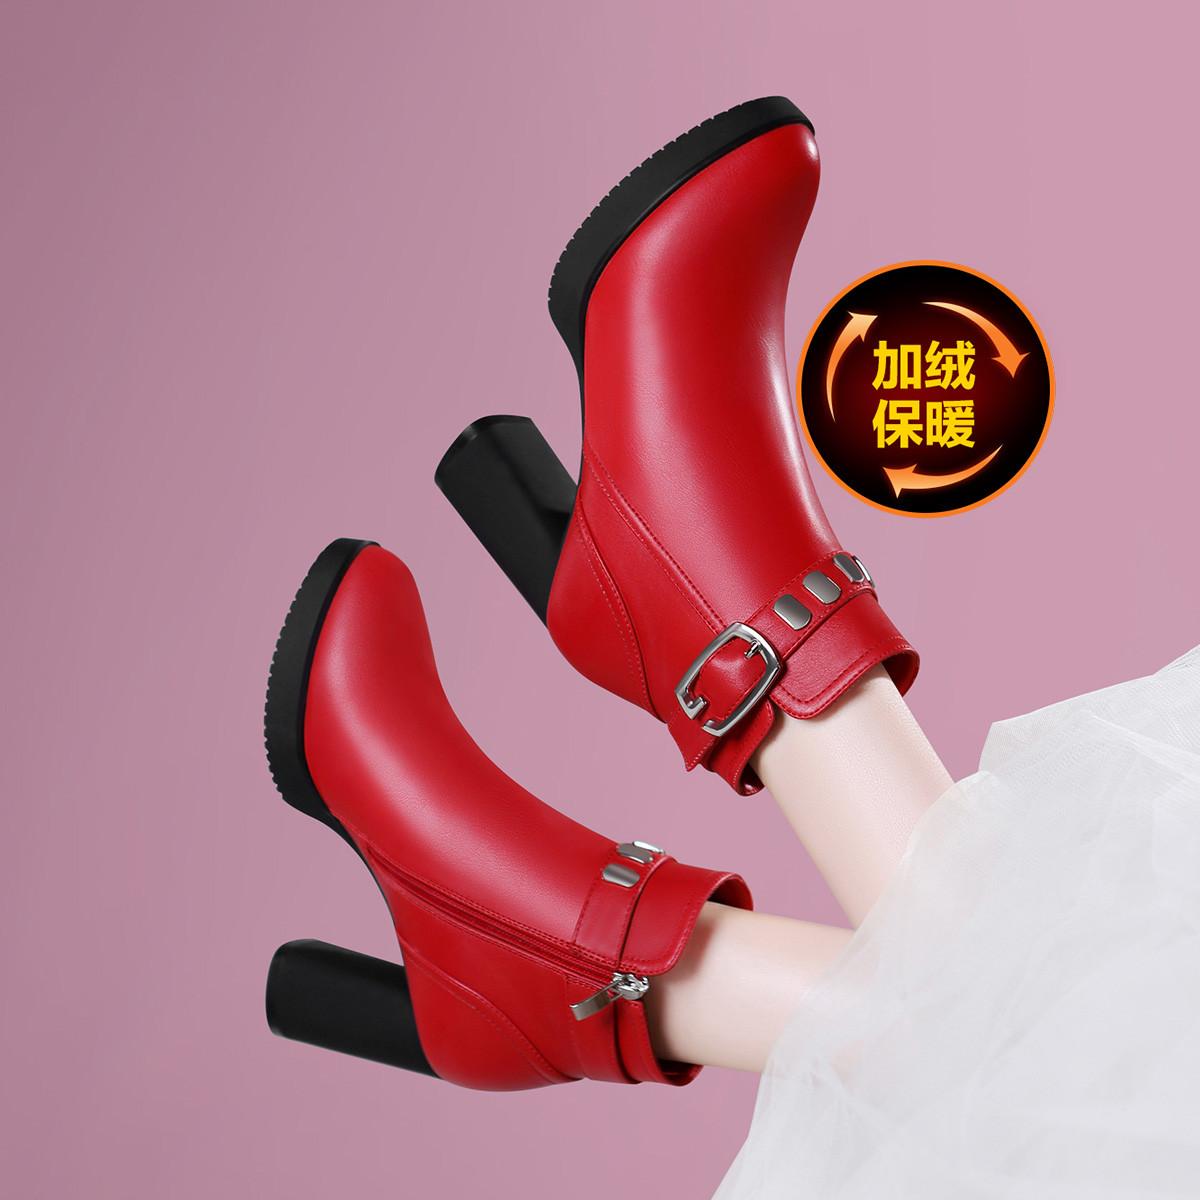 莱卡金顿时尚秋冬加绒粗跟厚底防水短筒靴子女鞋女短靴A633502